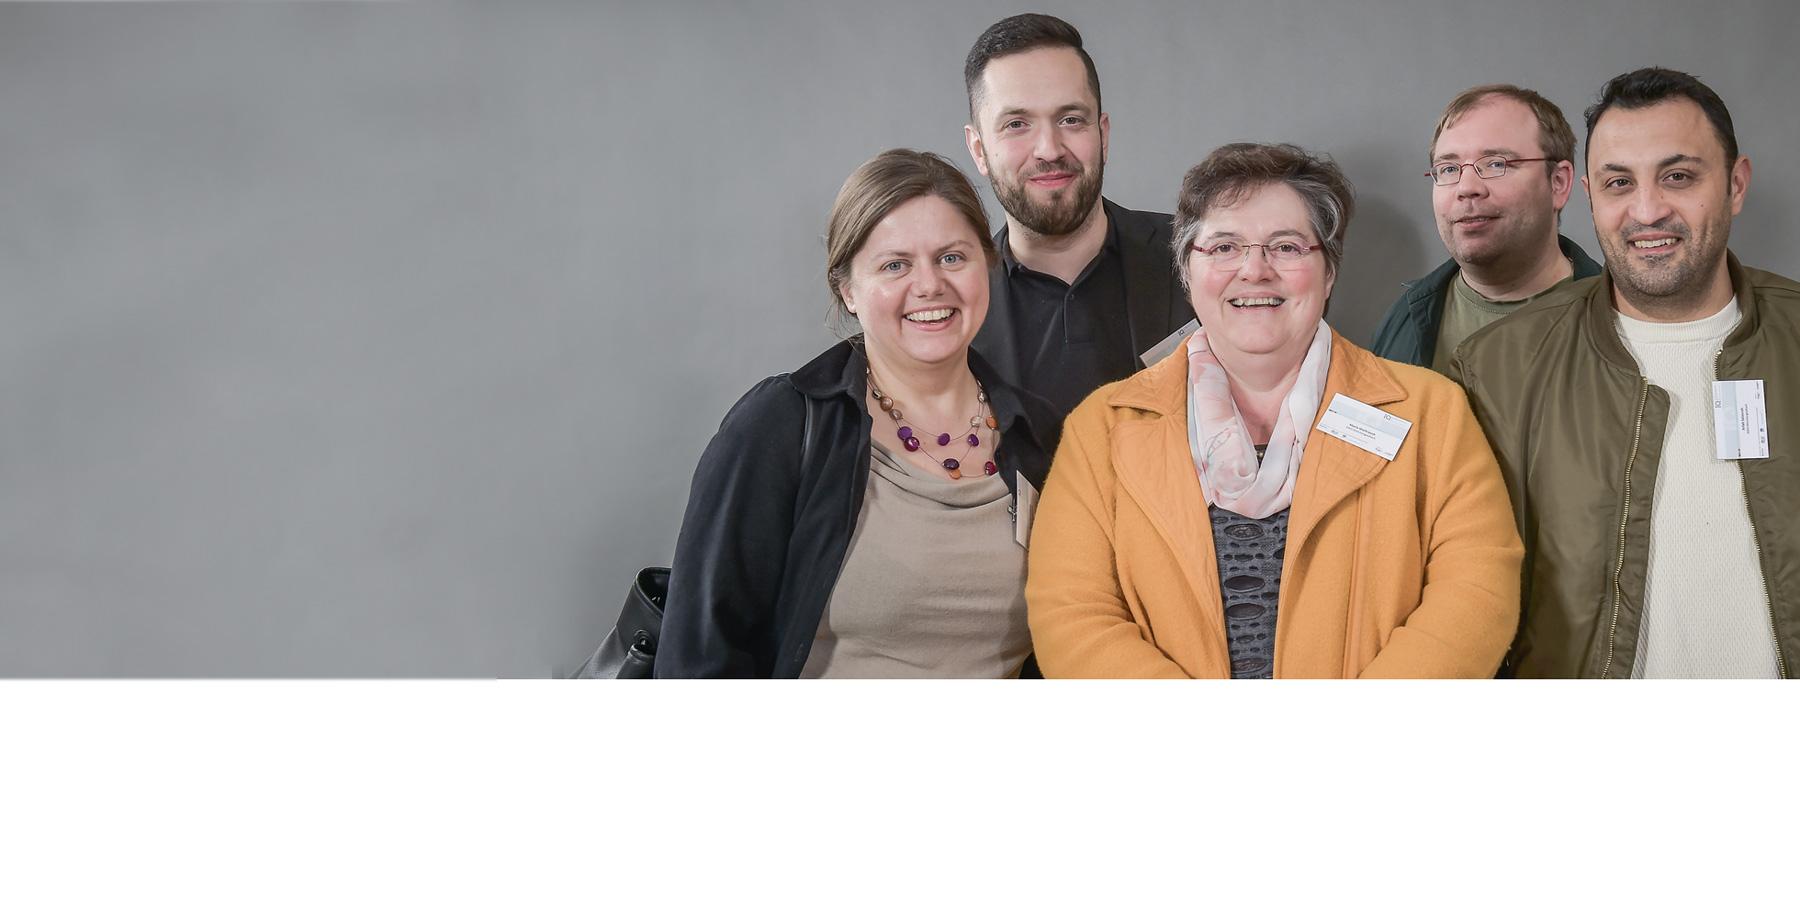 Das Bild zeigt das Team Integration, AWO Familienservice Mönchengladbach